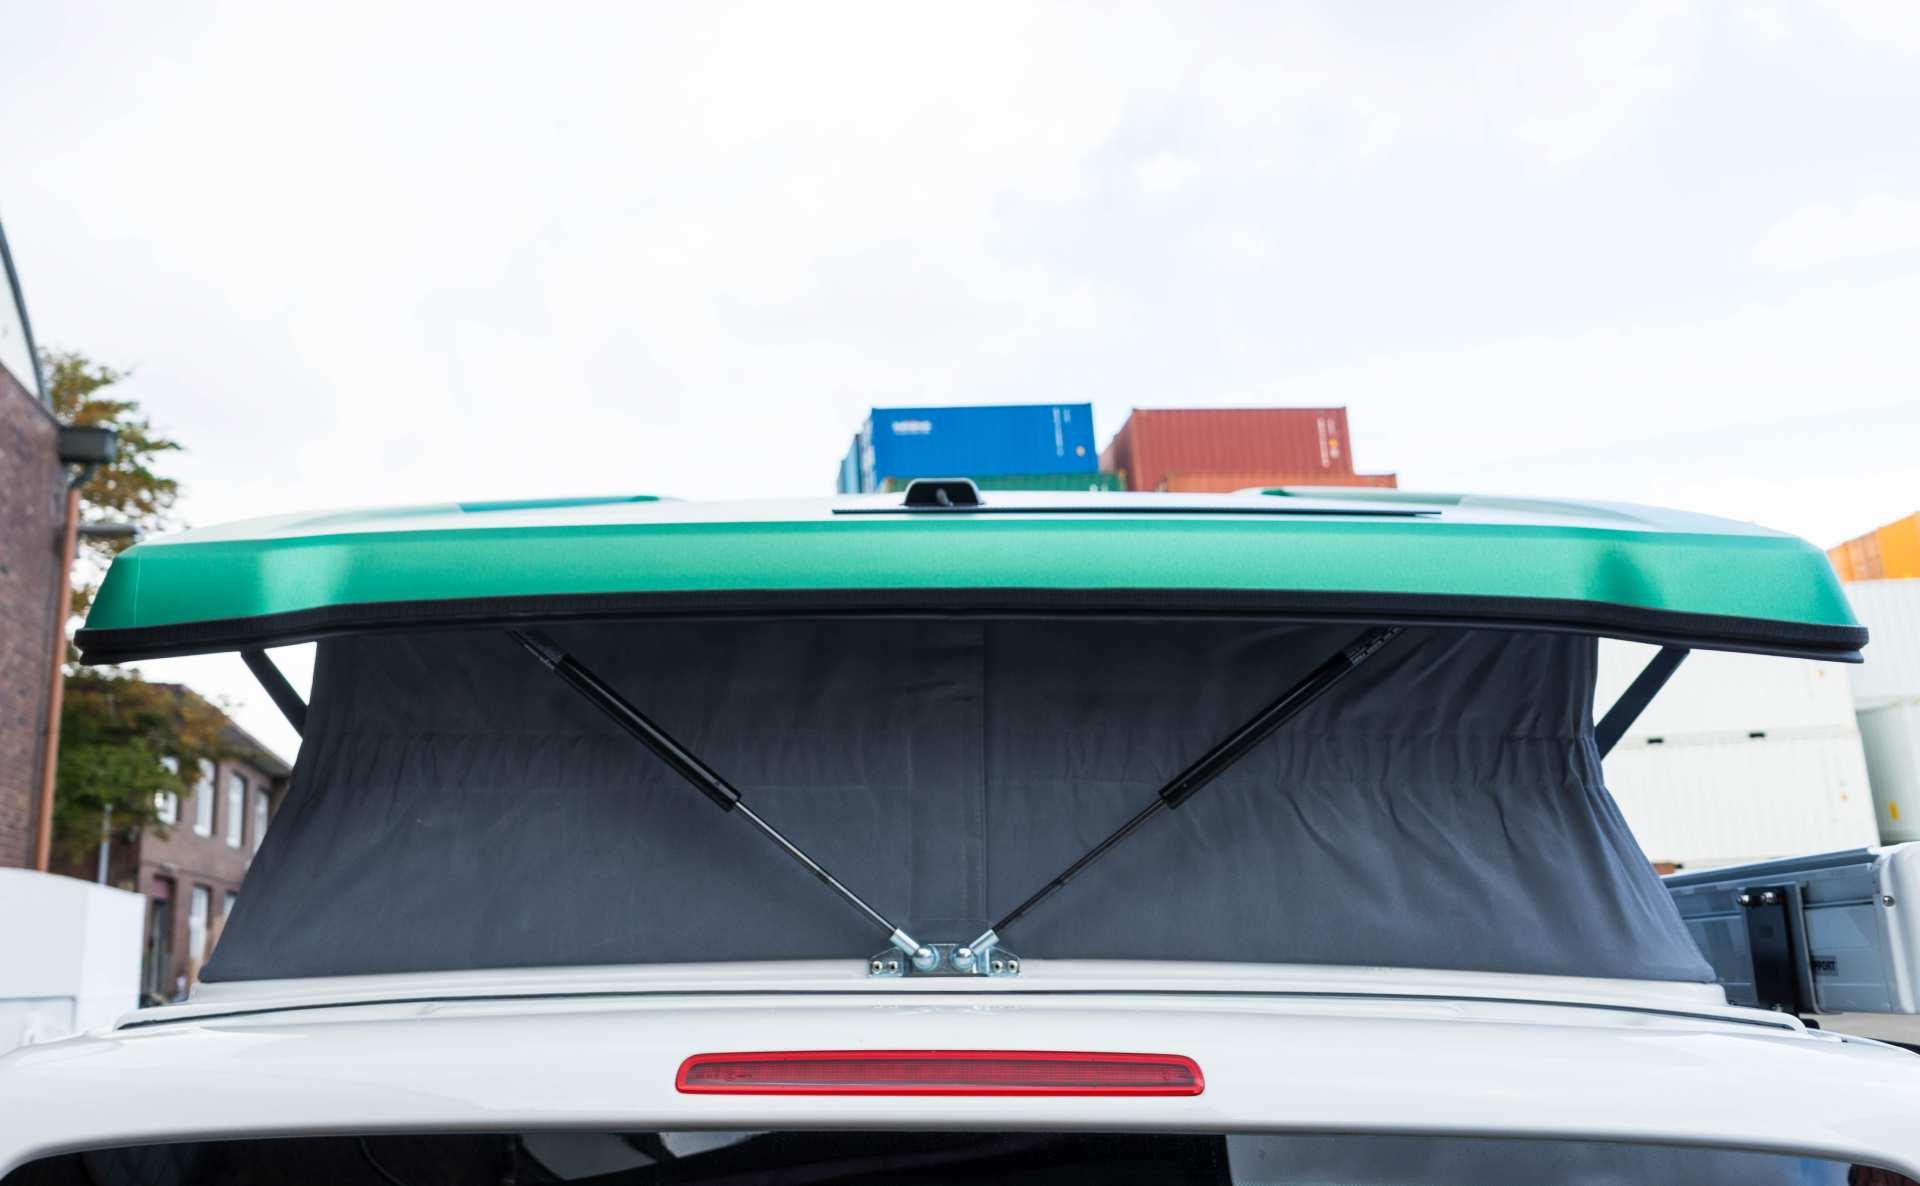 Aufstelldach: SCA 290 Aufstelldach für VW T5/6 - 9